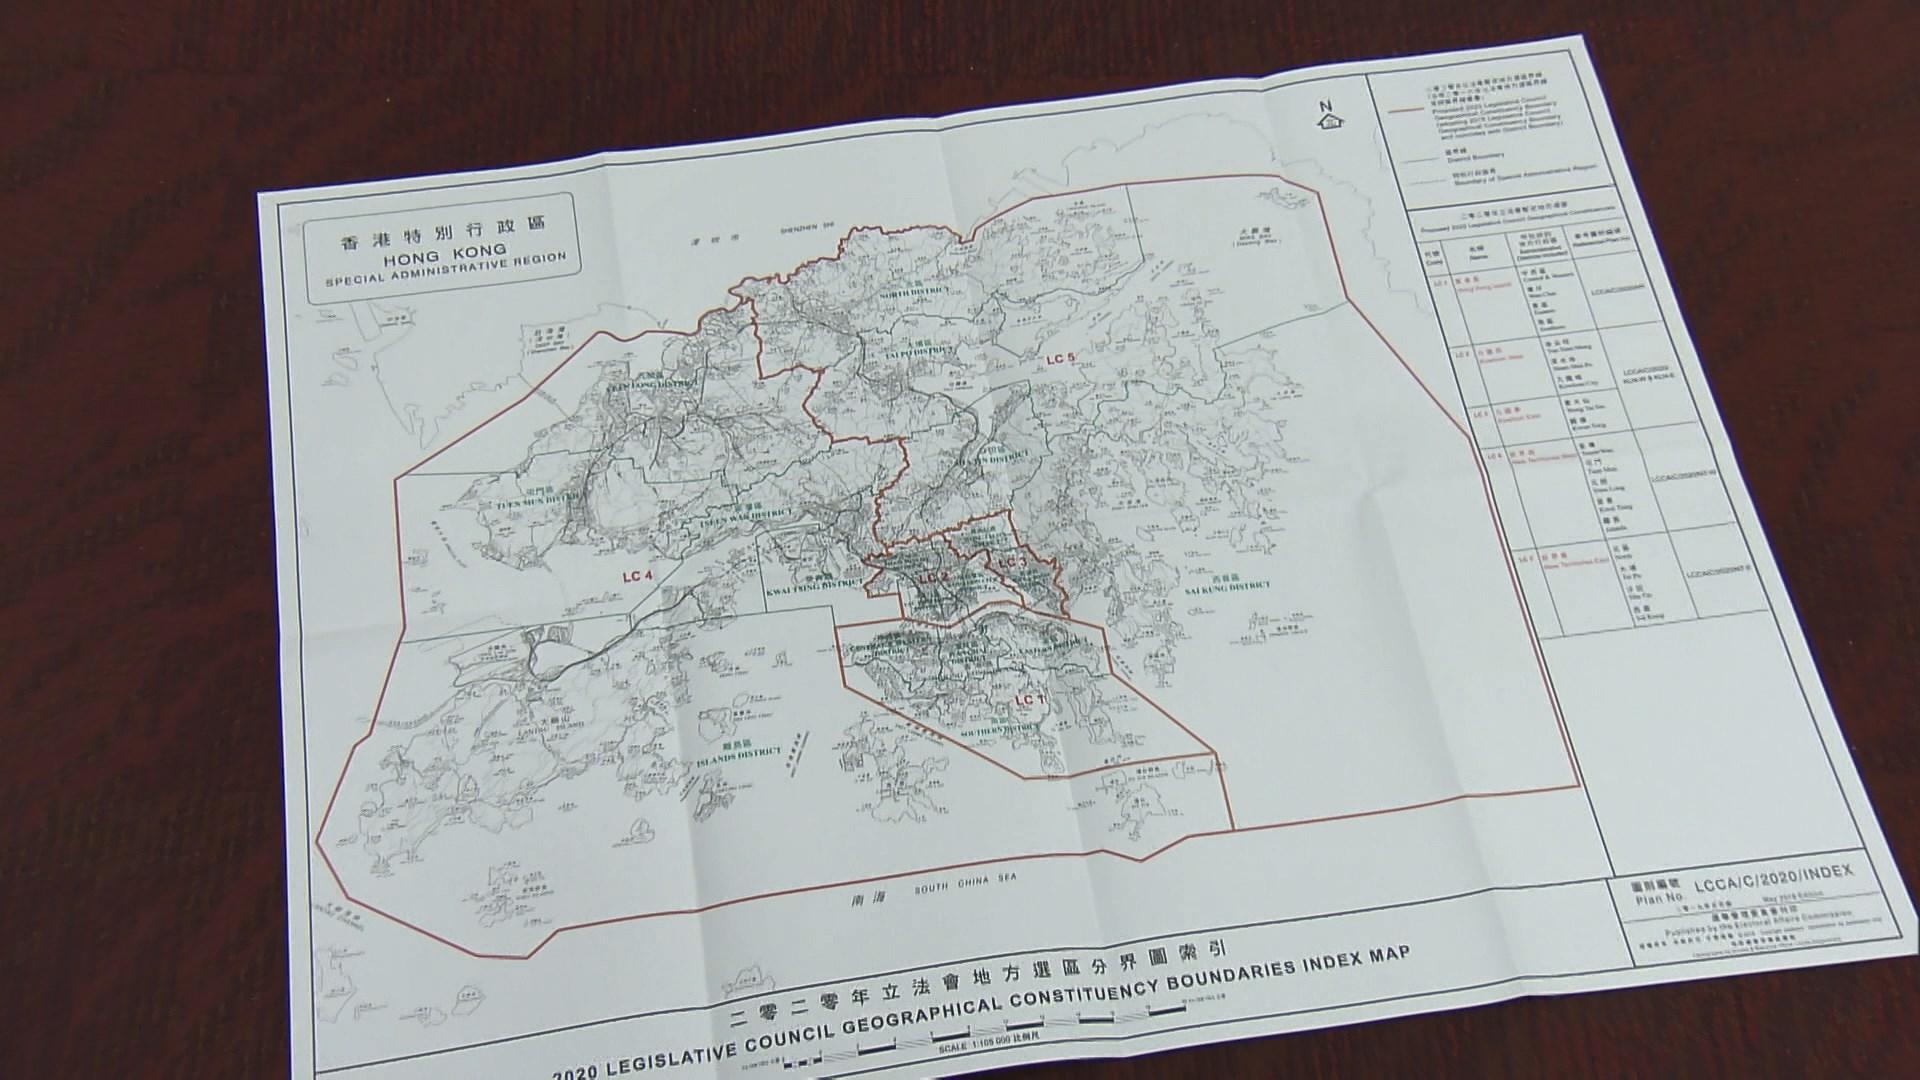 選管會建議維持立會五選區分界及議席